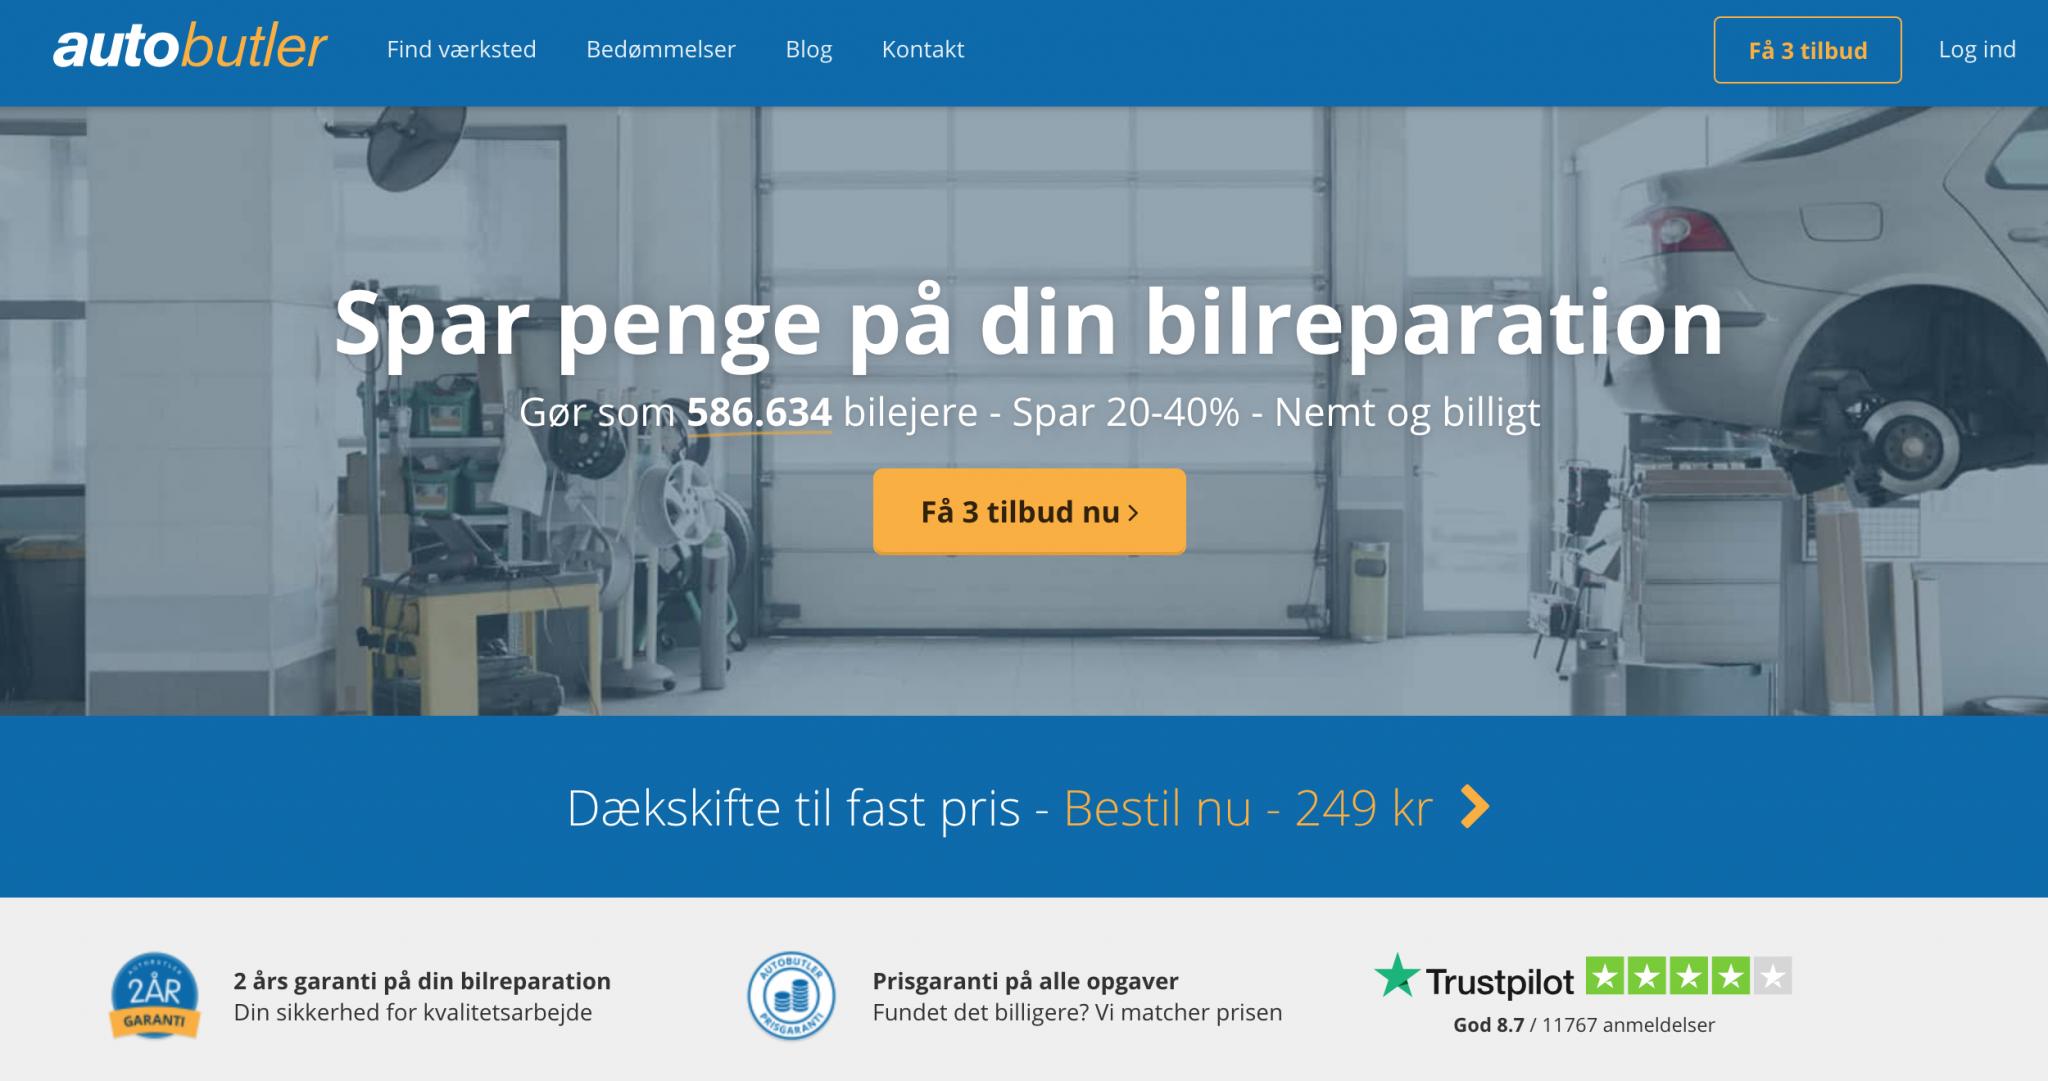 autobutler website